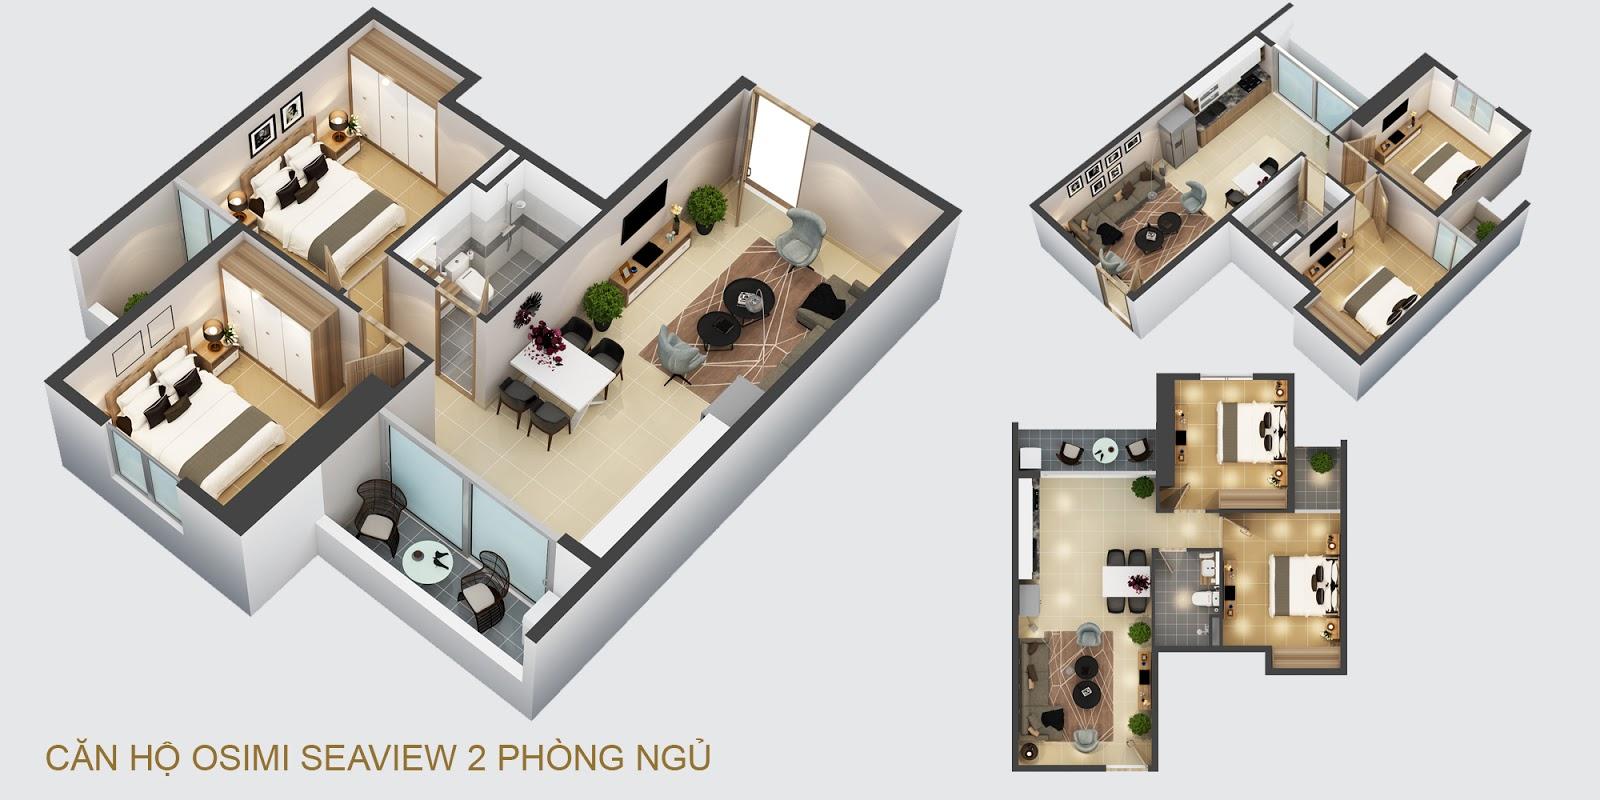 Thiết kế và mặt bằng căn hộ Osimi Seaview Vũng Tàu